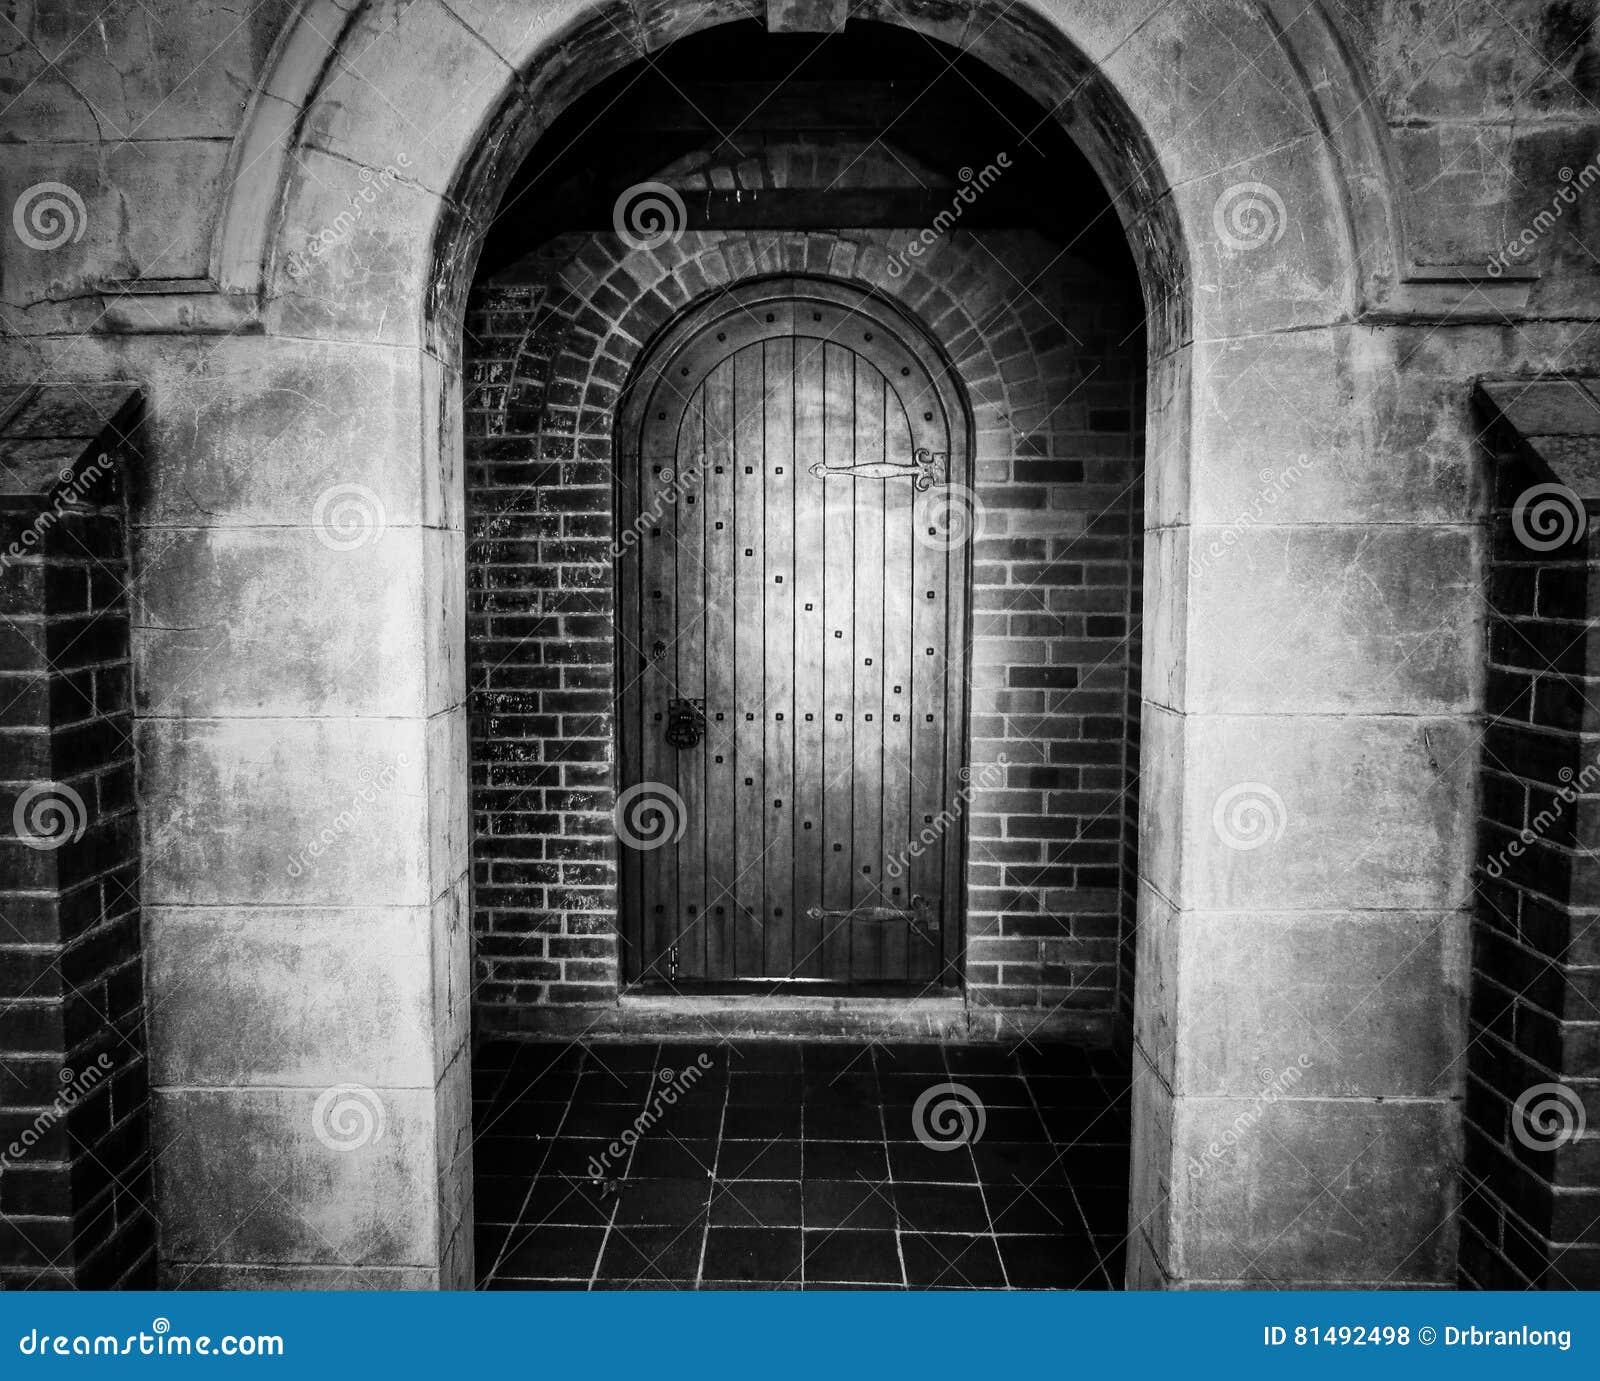 Entrée Noir Et Blanc porte d'entrée avec la voûte en noir et blanc photo stock